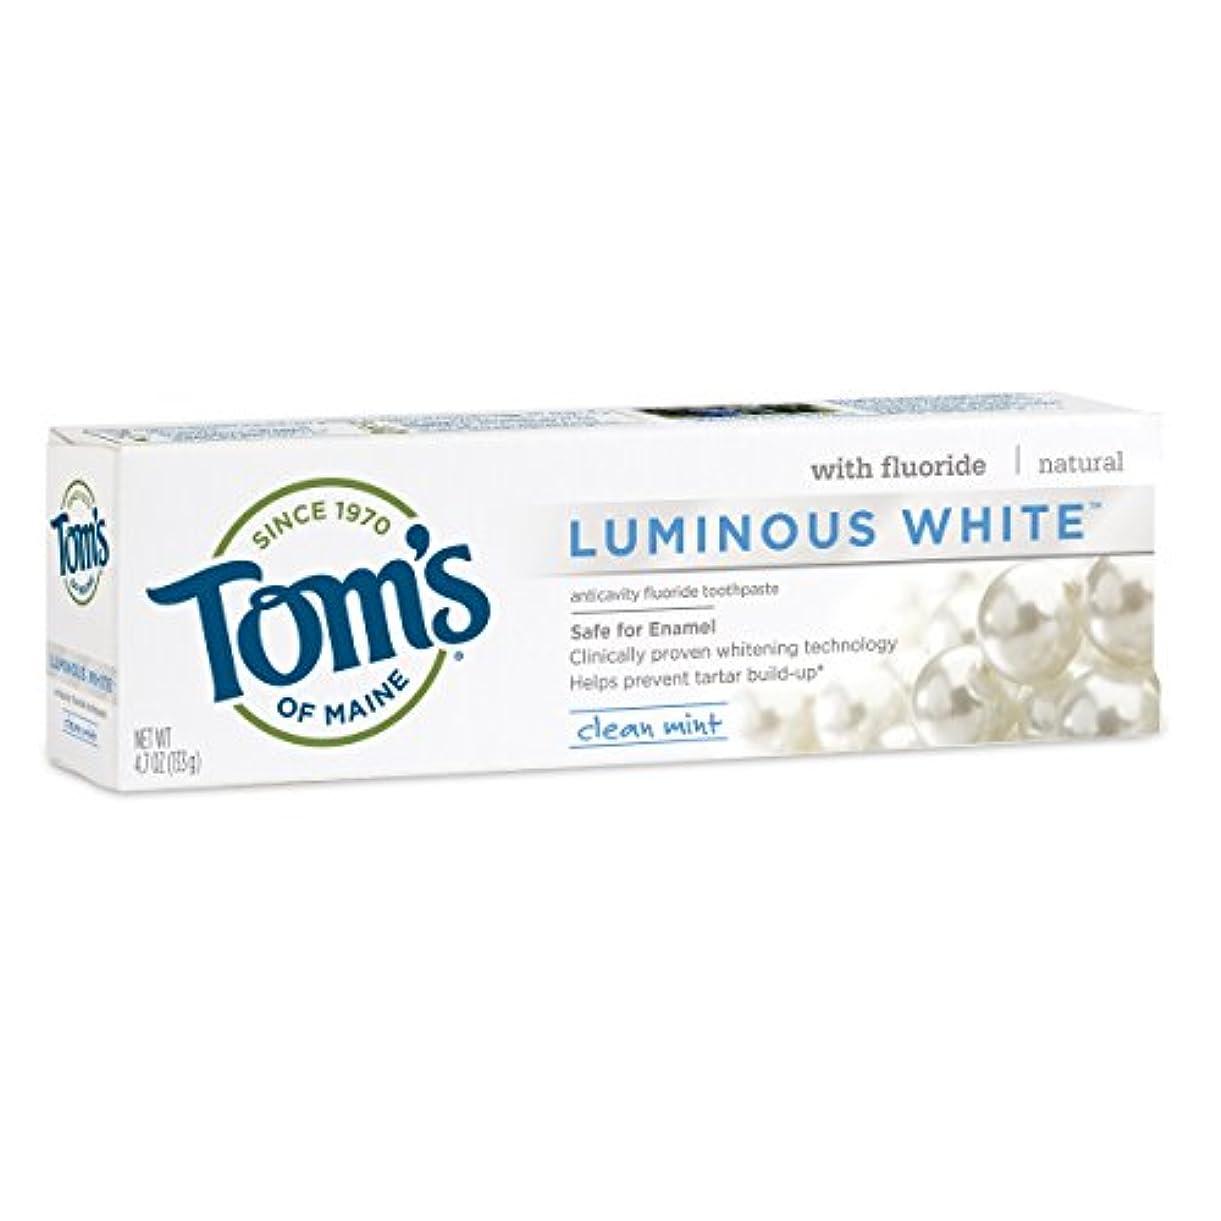 エッセイ兵隊交通渋滞Tom's of Maine Luminous White Whitening Natural Toothpaste, Clean Mint, 4.7 Ounトムズルミナスホワイト